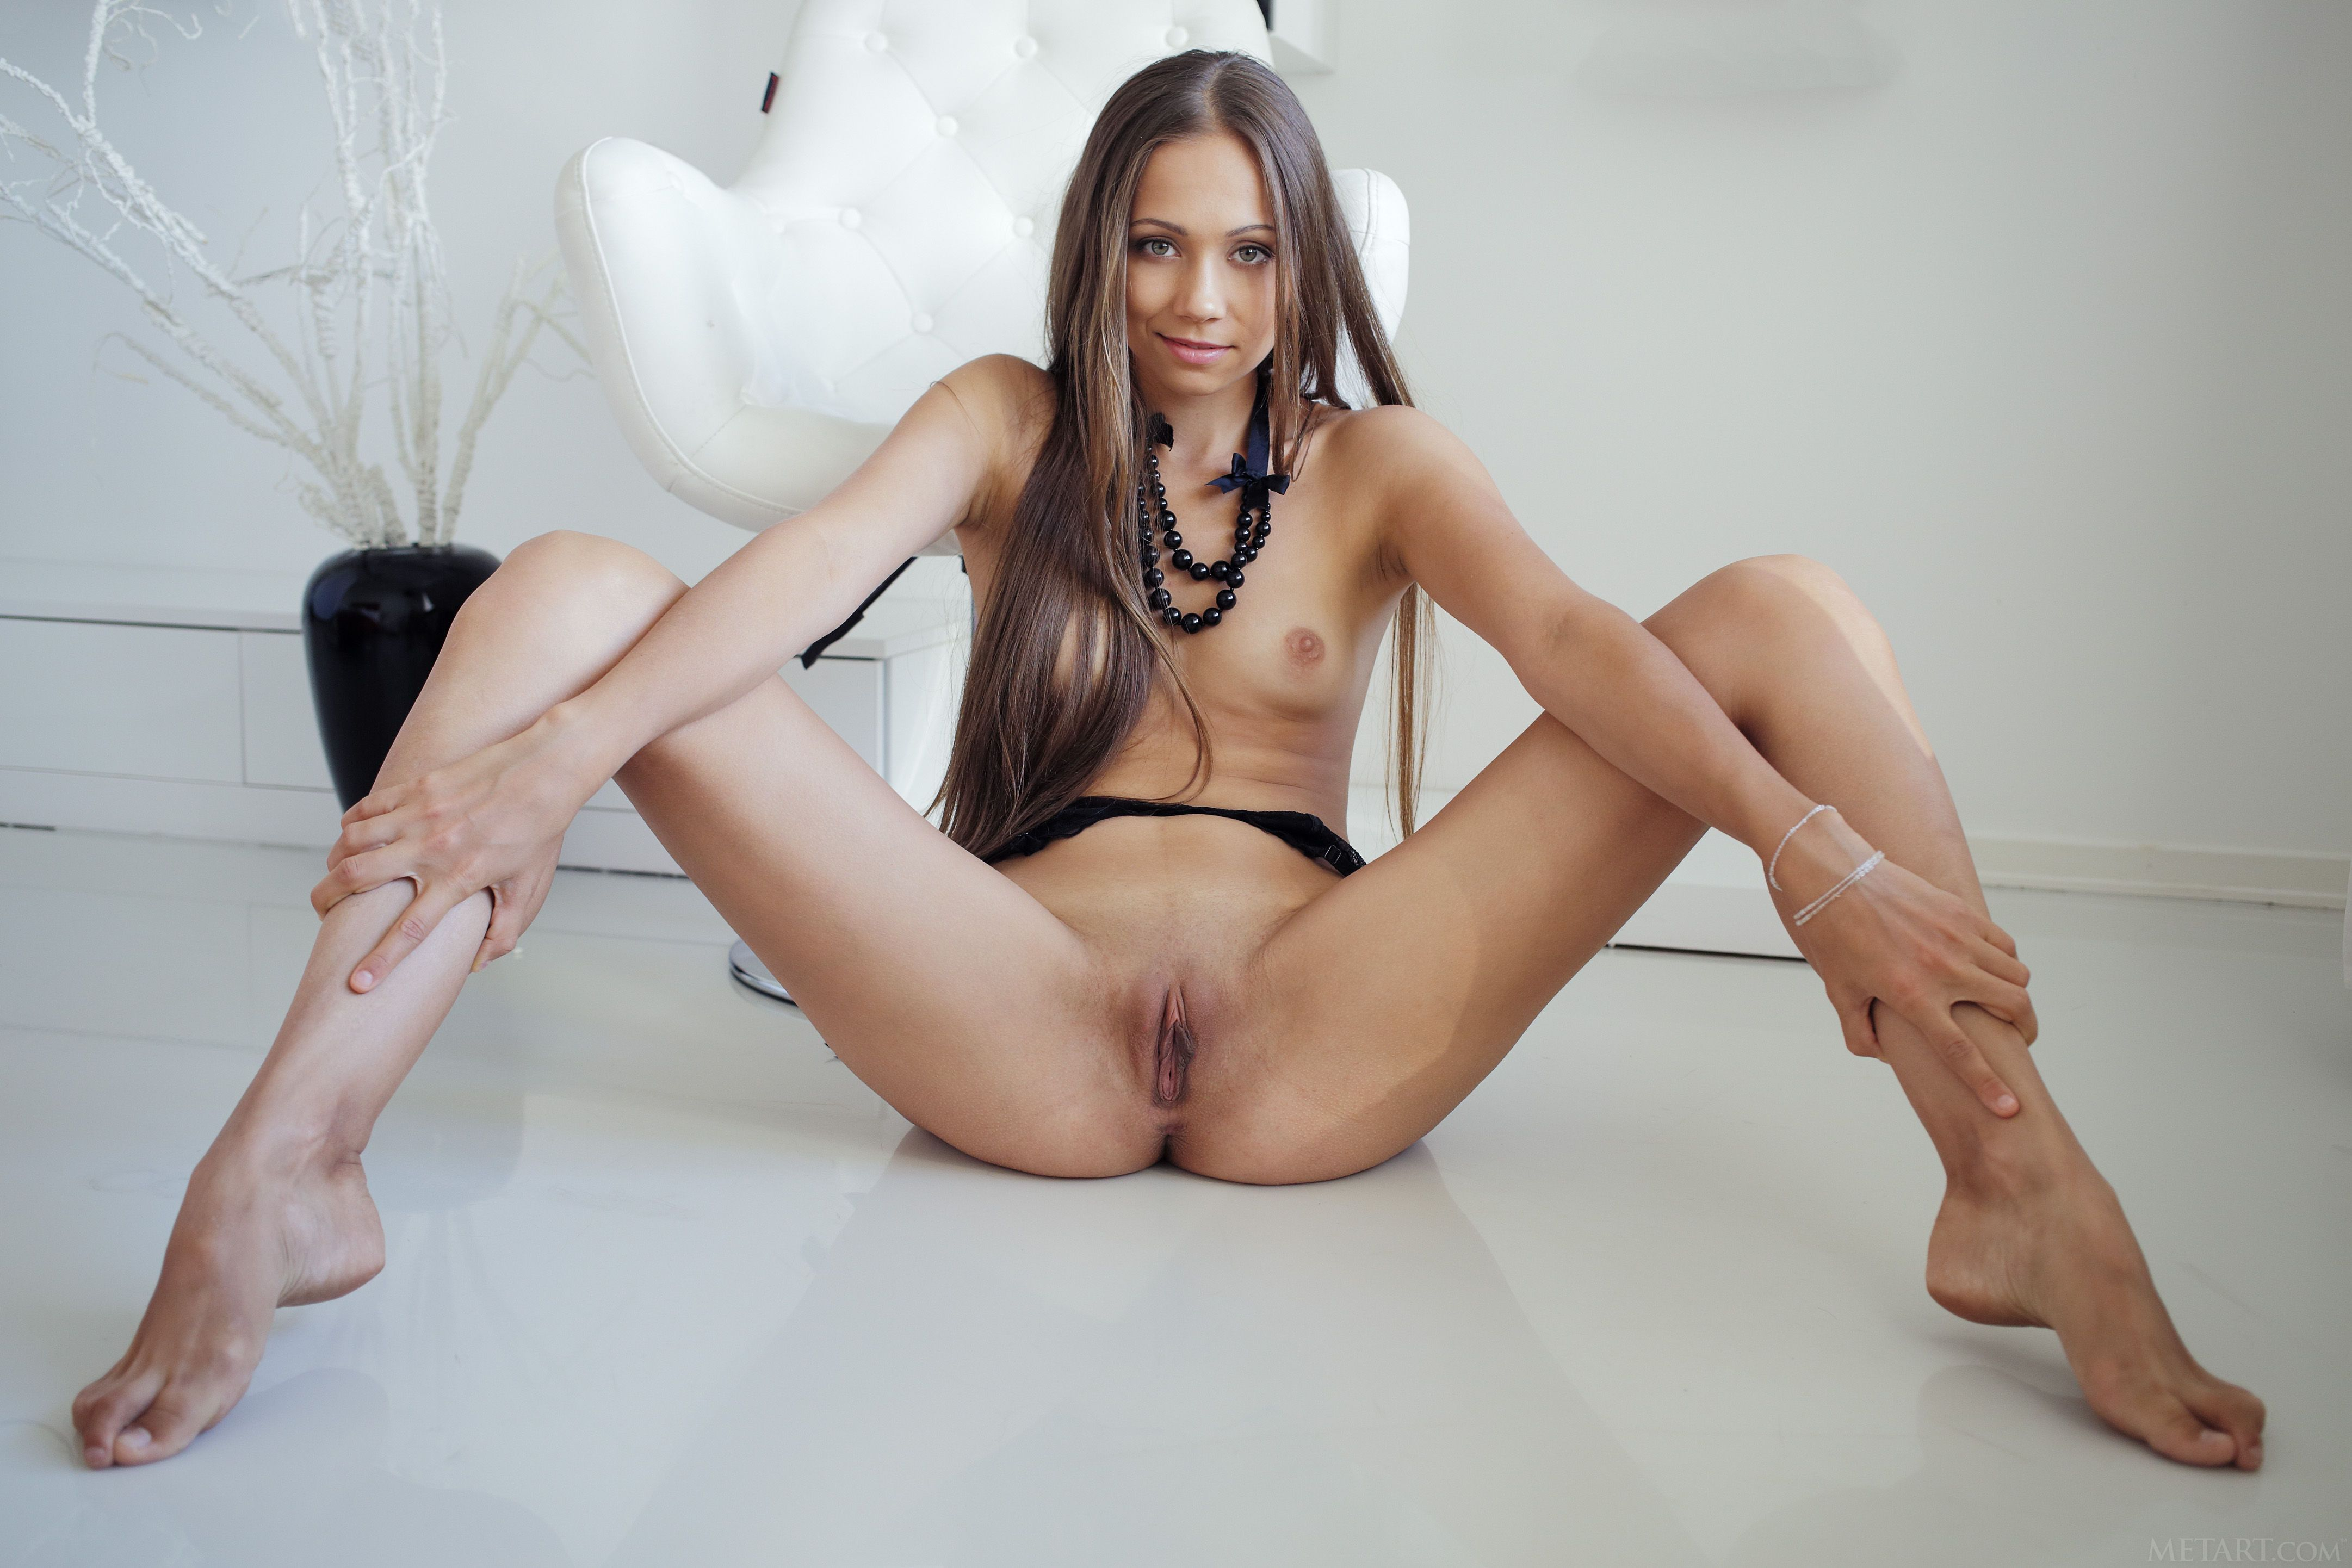 стать учителем секс фото молодой девушки с раздвинутыми ногами наших